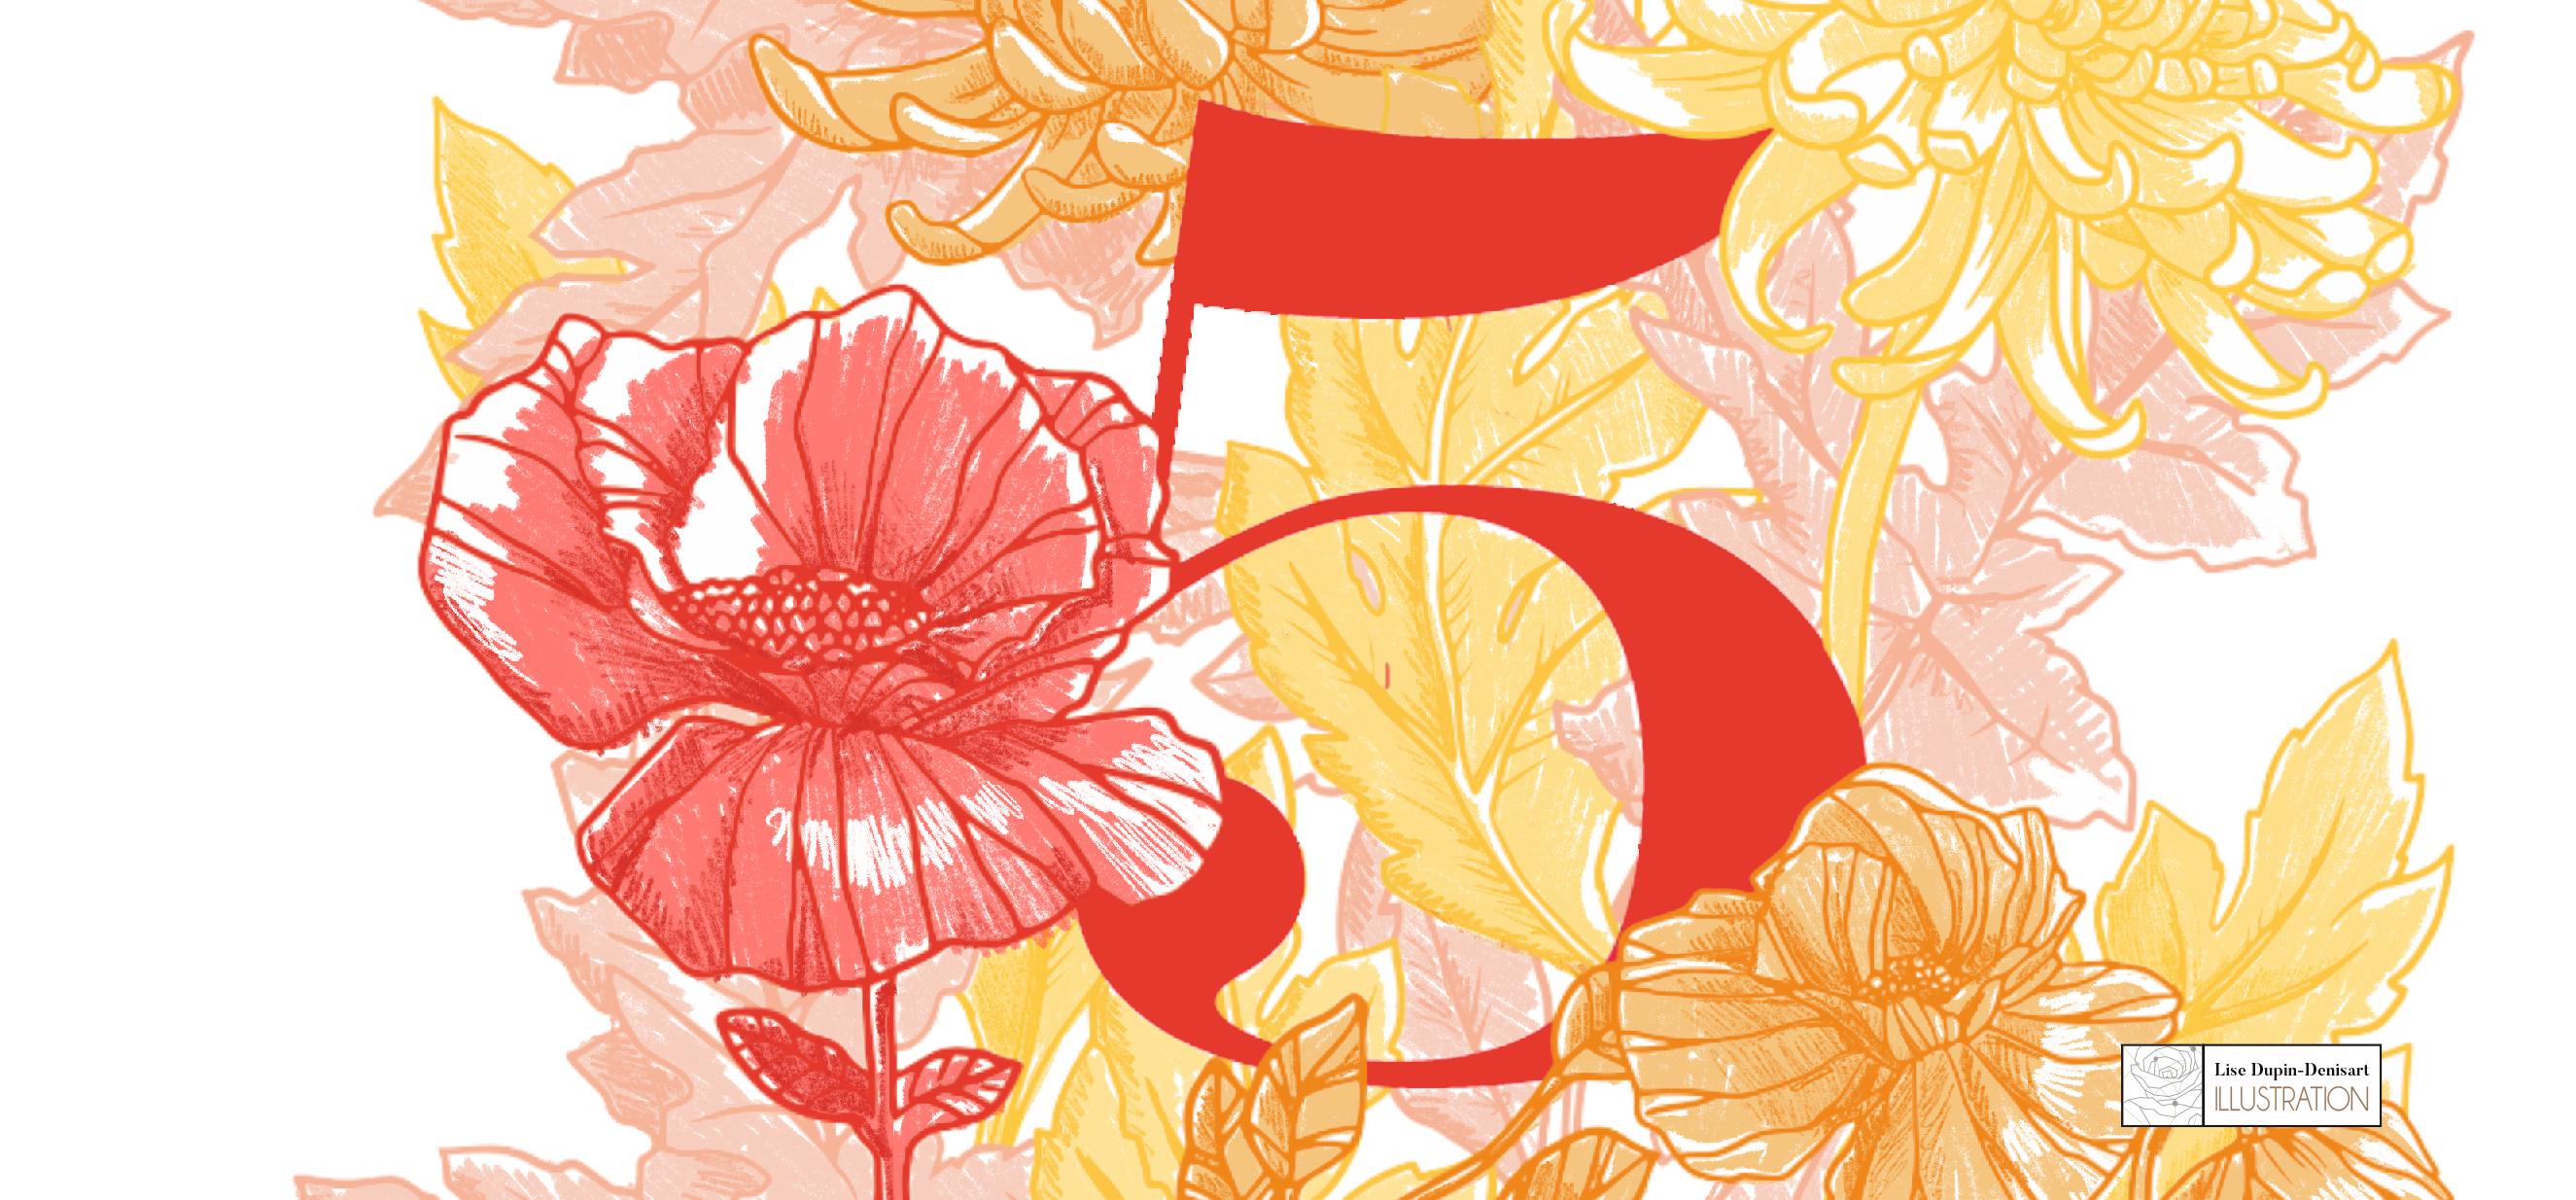 carte voeux vegetale 2650x1234